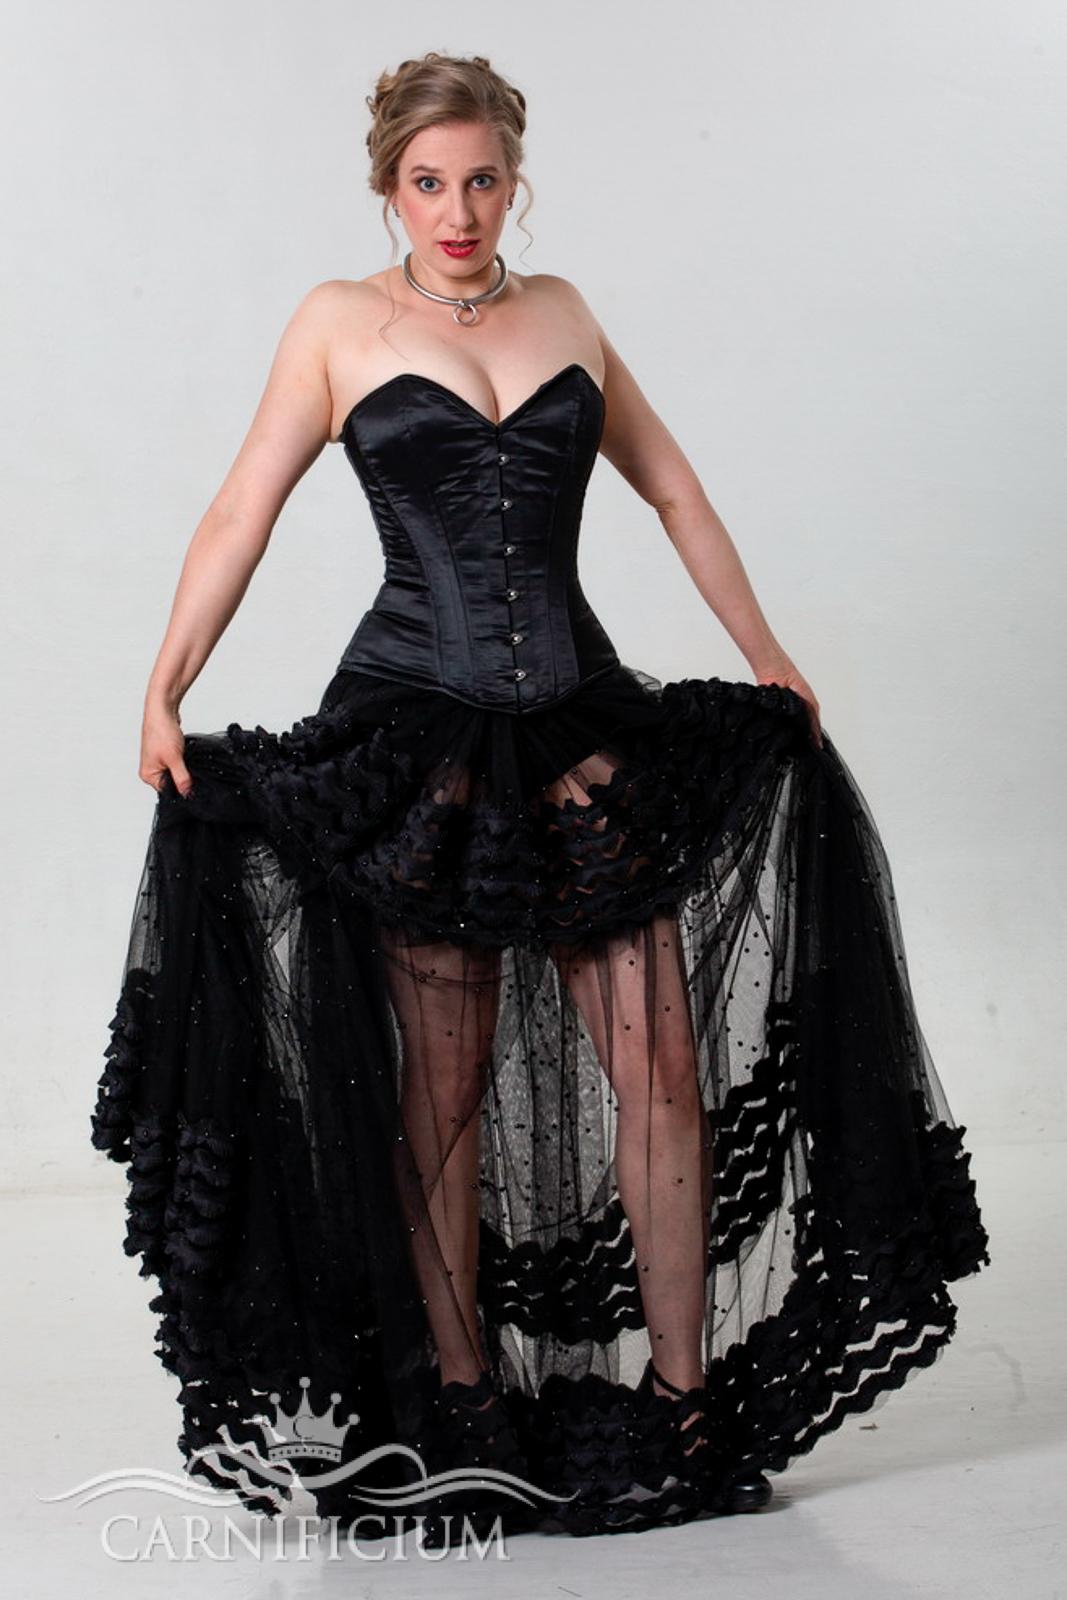 Hochzeitskleid in schwarz mit schwarzem Vollbrustkorsett in Satin und Rock aus aufwendigem Perlenbesticktem Tüll